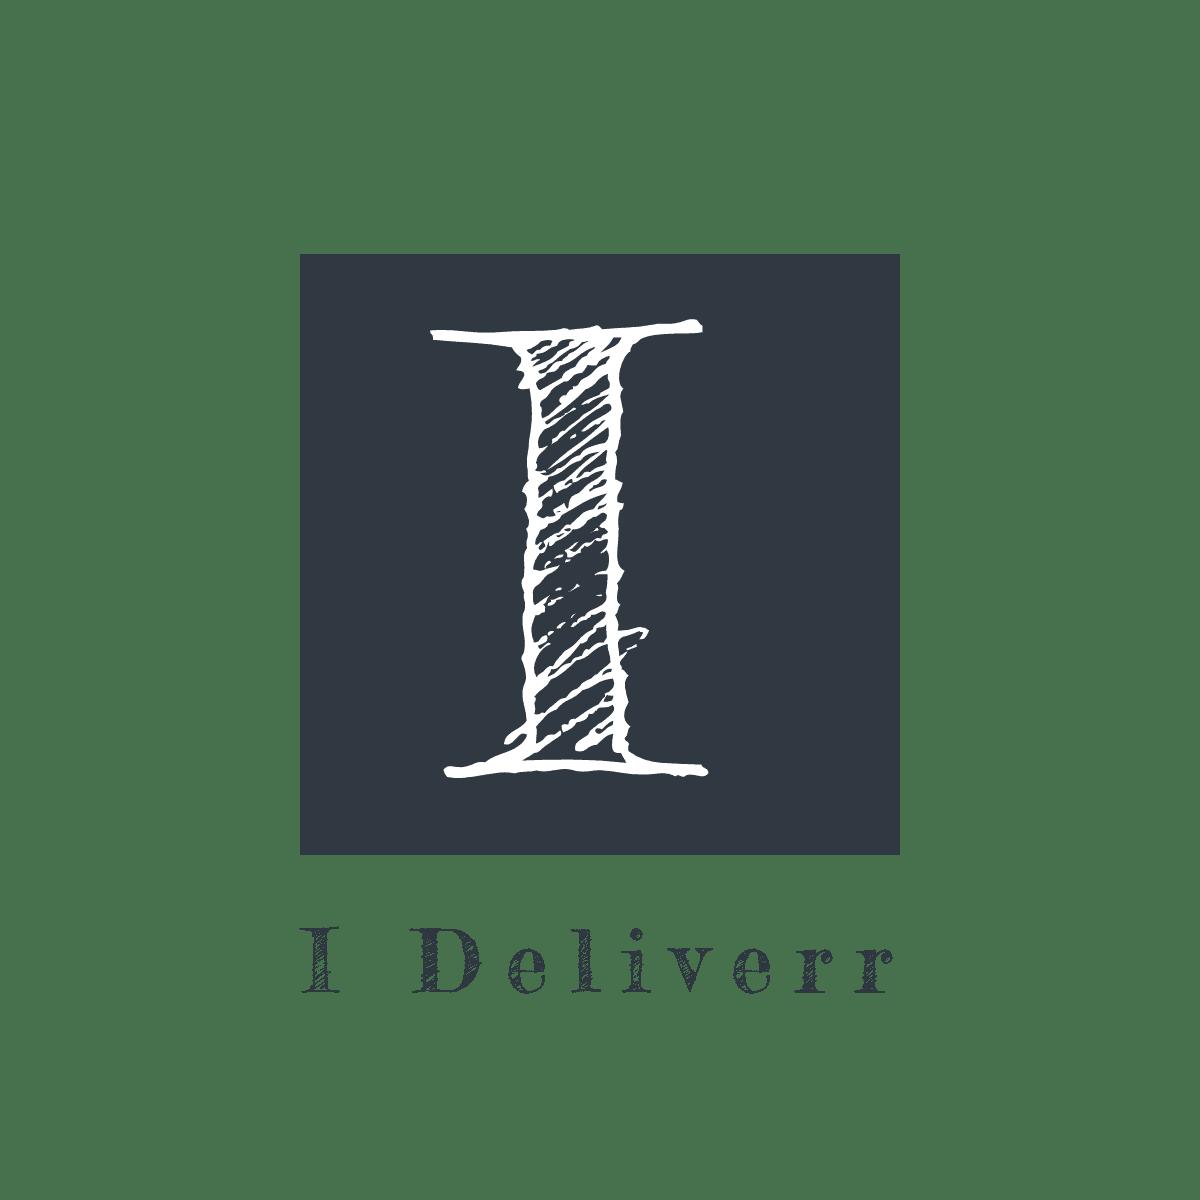 I Deliverr image